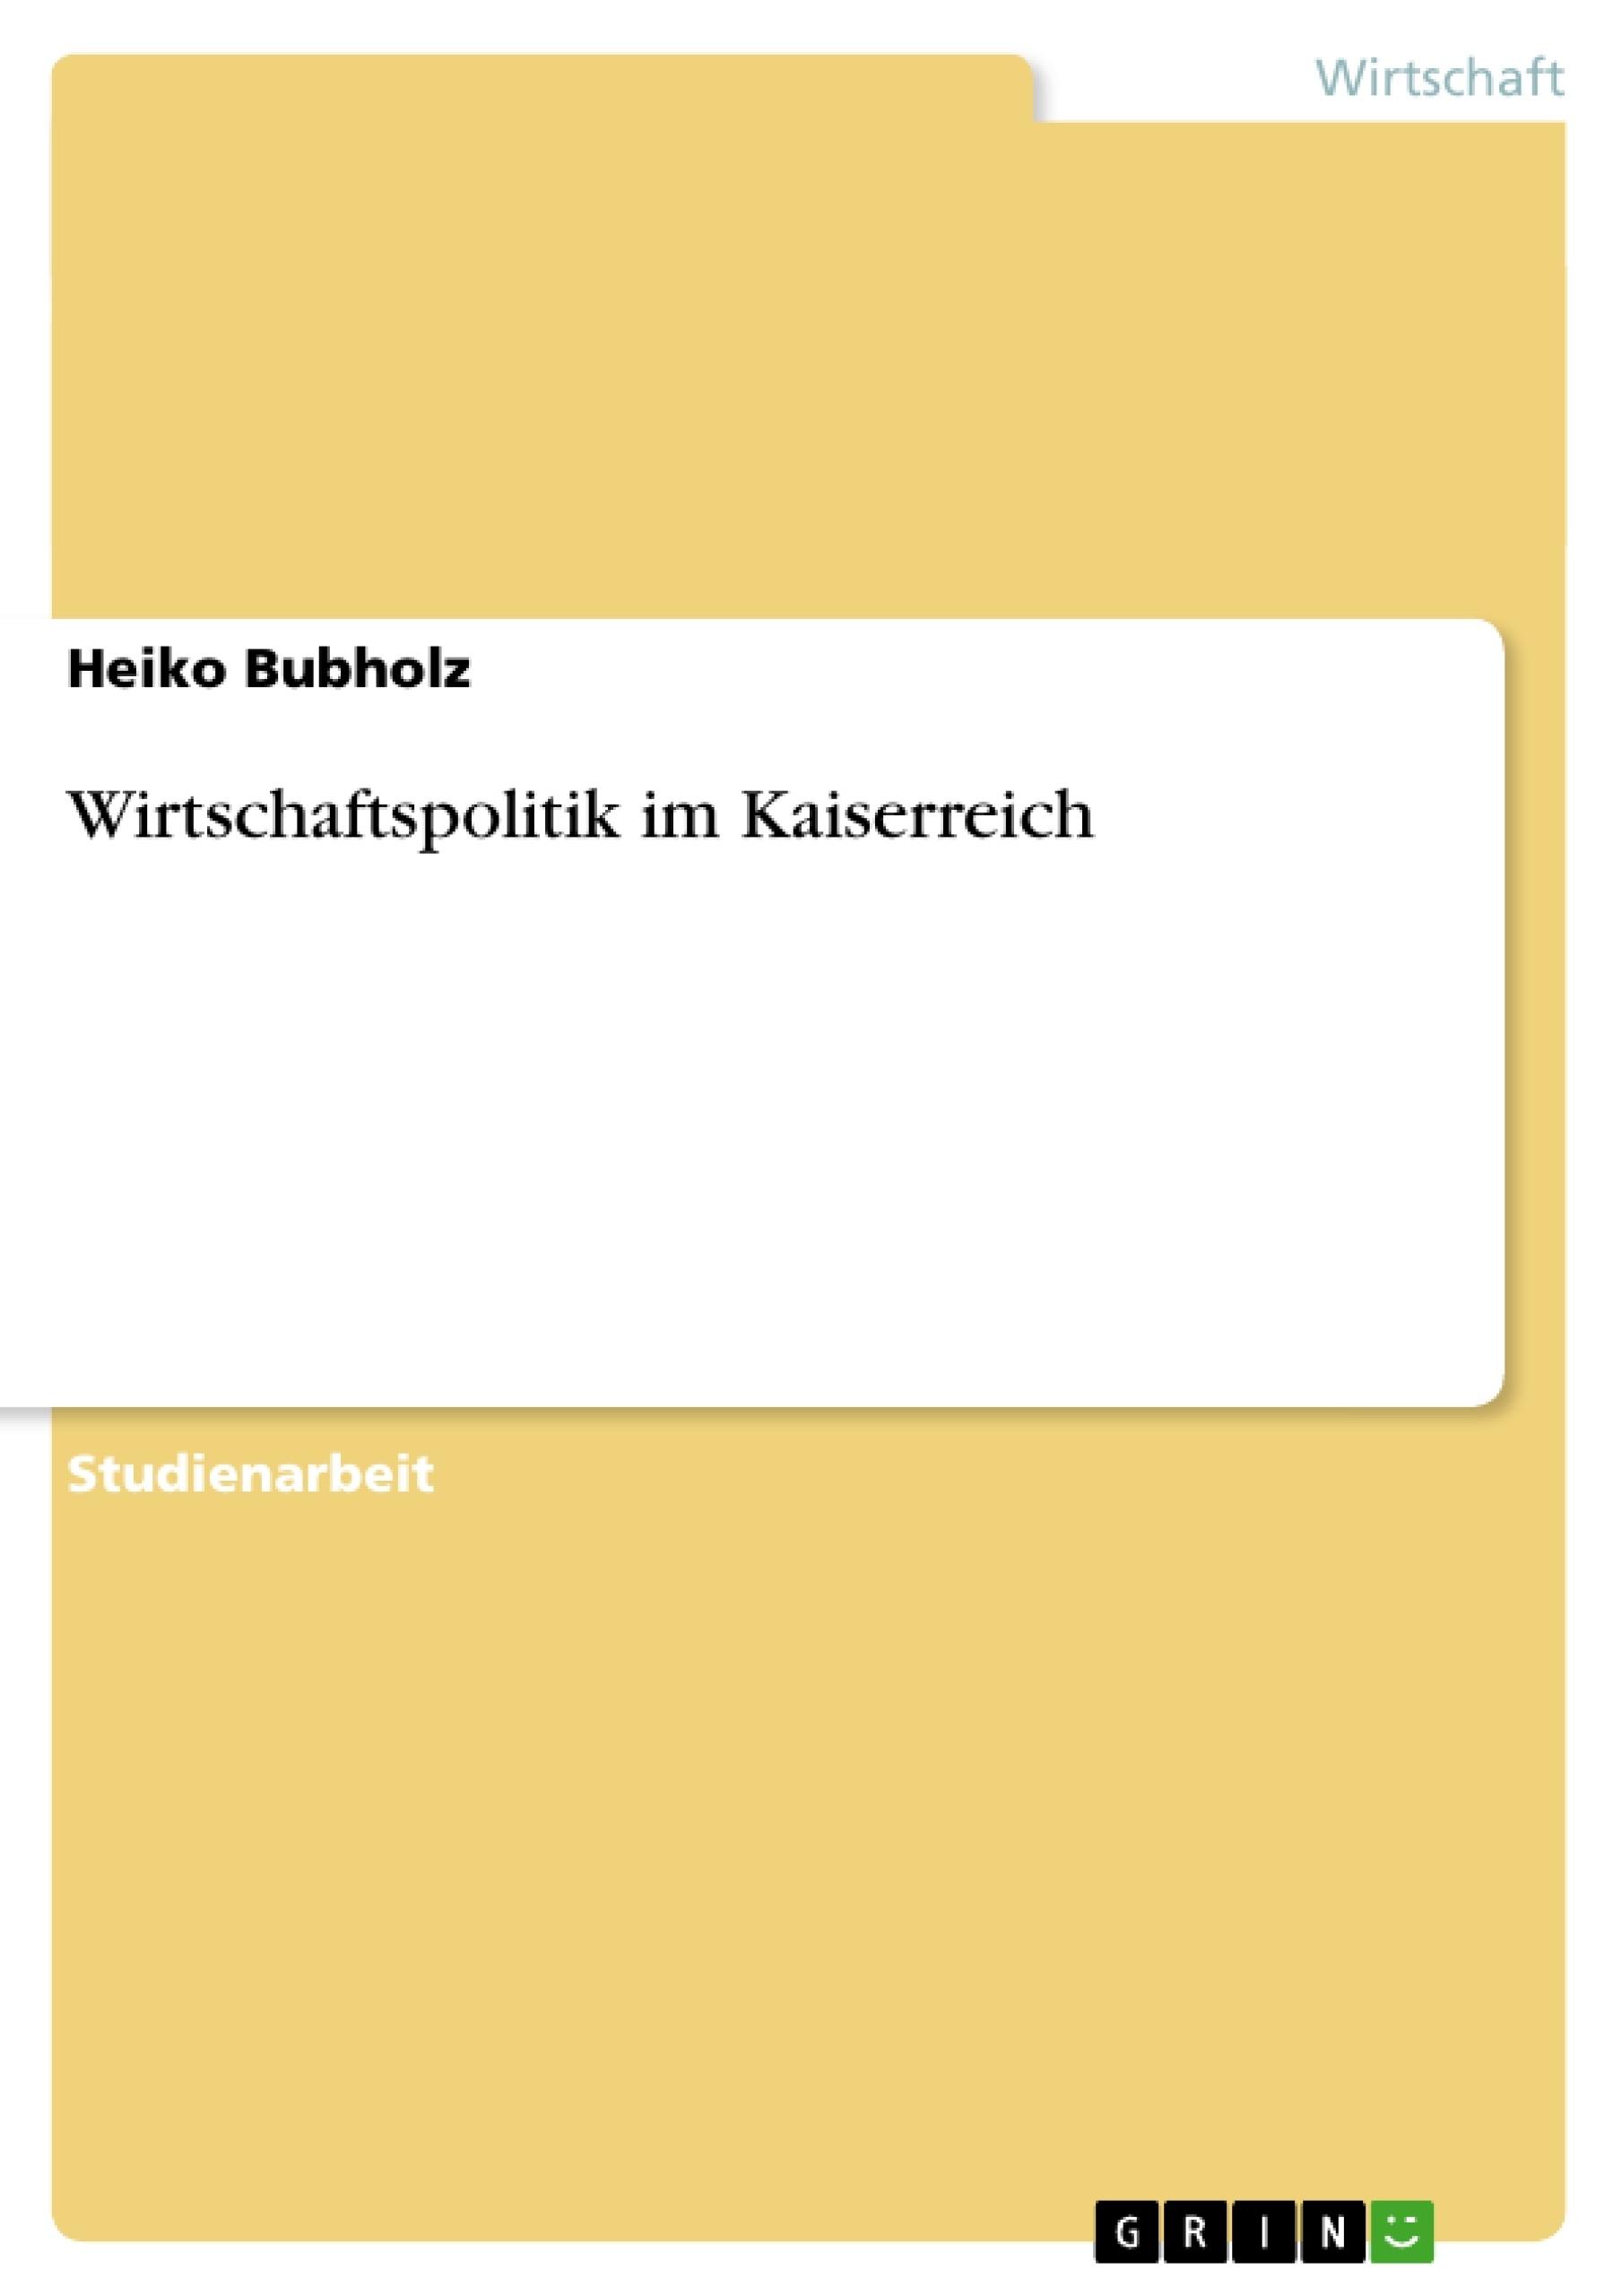 Titel: Wirtschaftspolitik im Kaiserreich